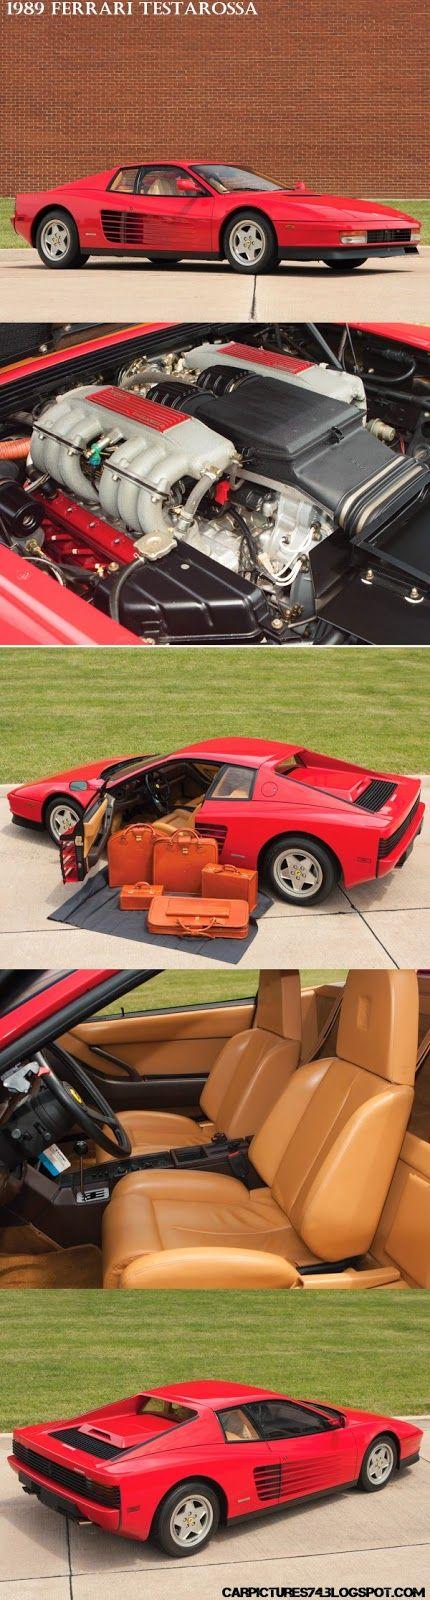 Car Pictures: 1989 Ferrari Testarossa. Visit: http://carpictures74.blogspot.com/